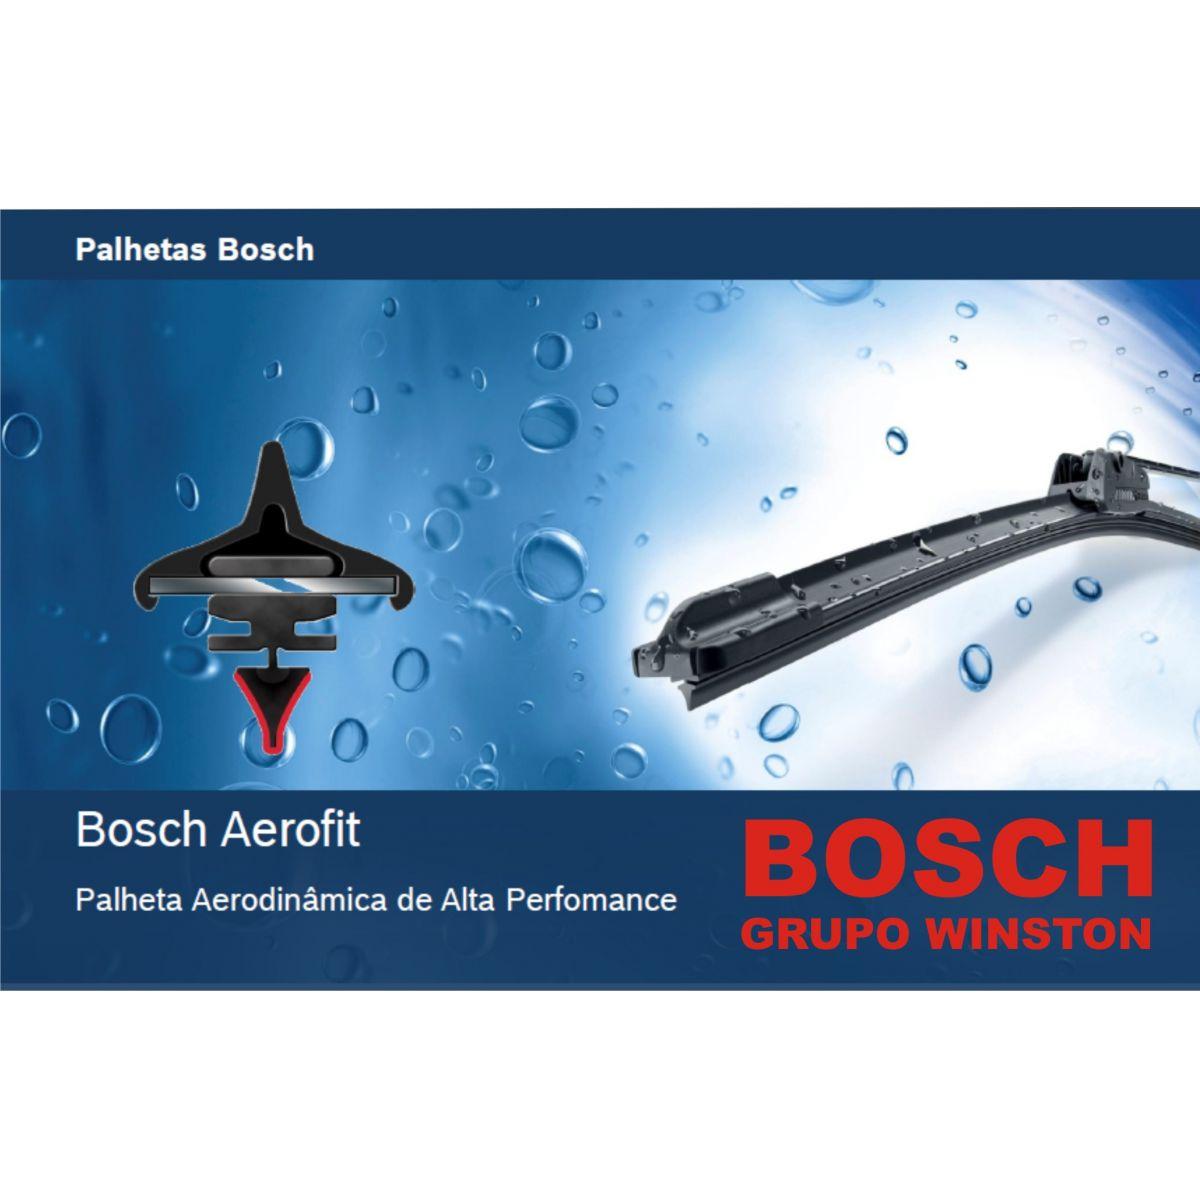 Palheta Bosch Aerofit Limpador de para brisa Bosch Mondeo 1993 até 2000